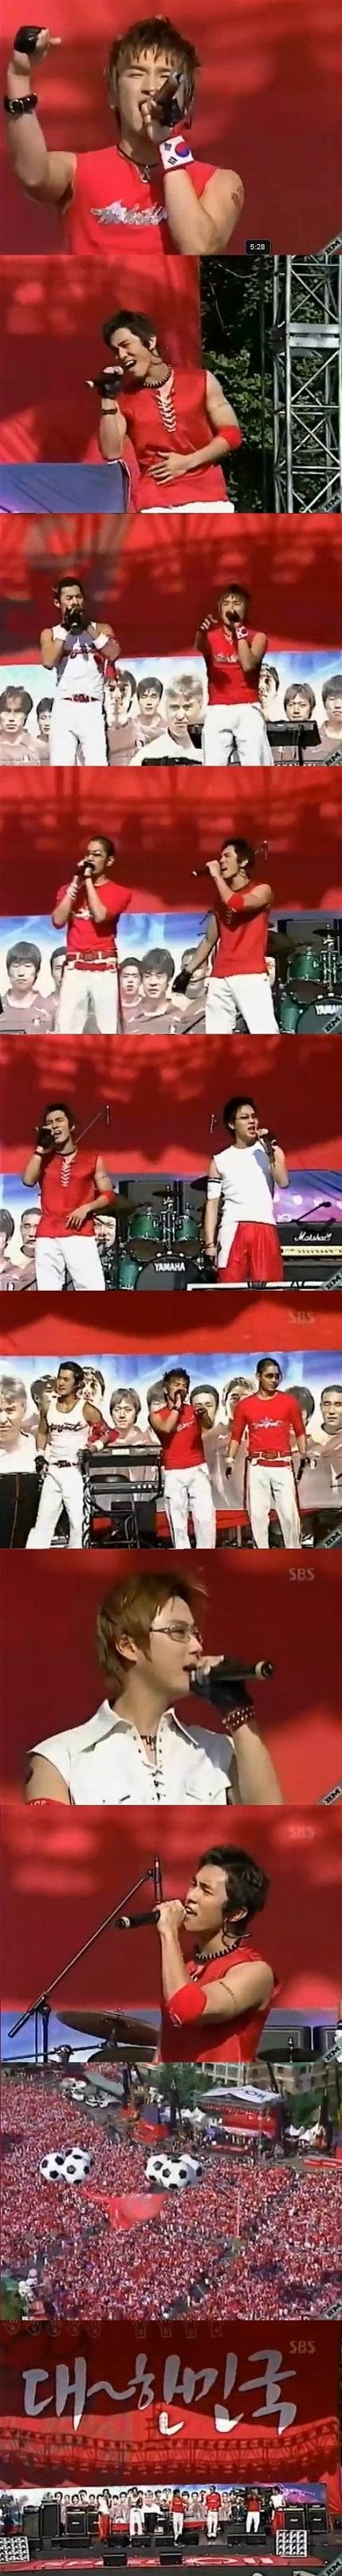 2002年W杯